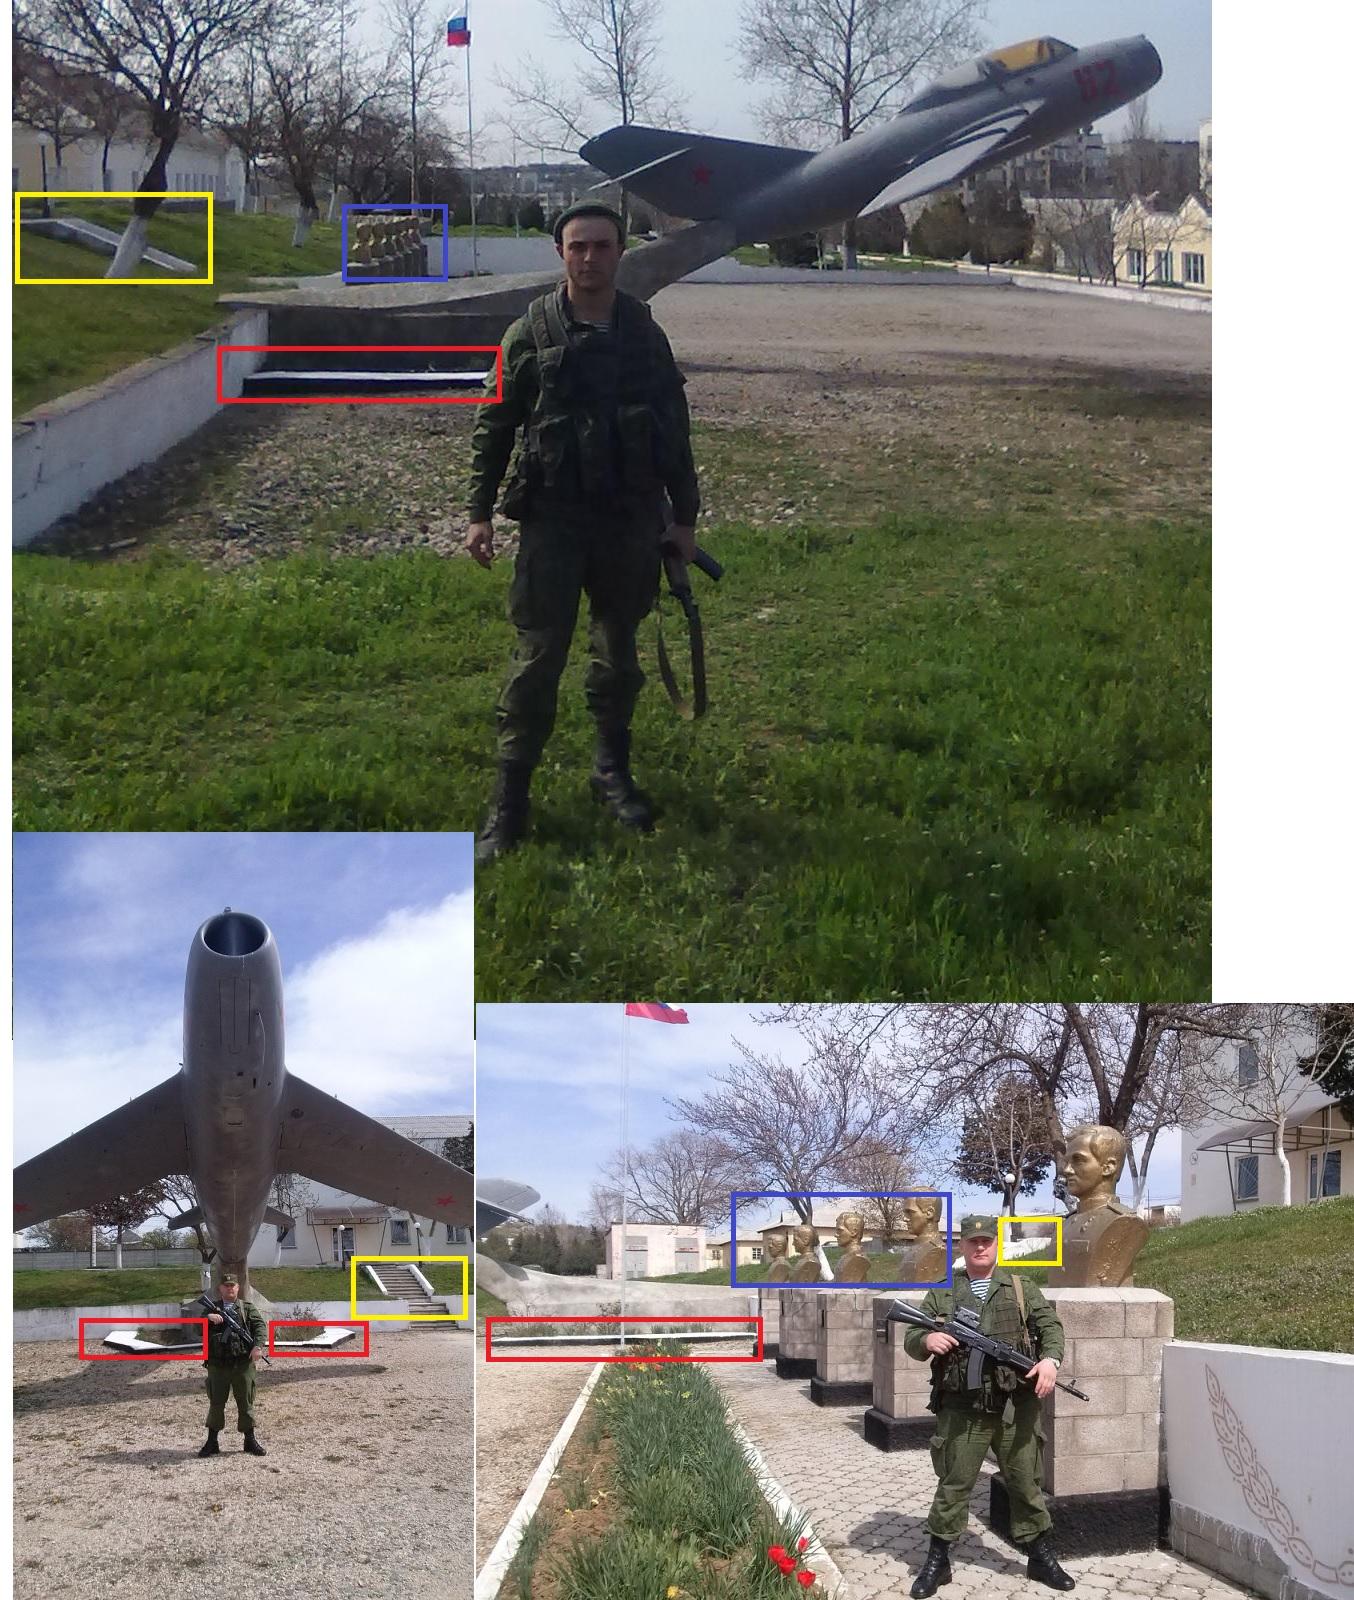 Jämförelse av bilder från Belbek flygbas, Krim